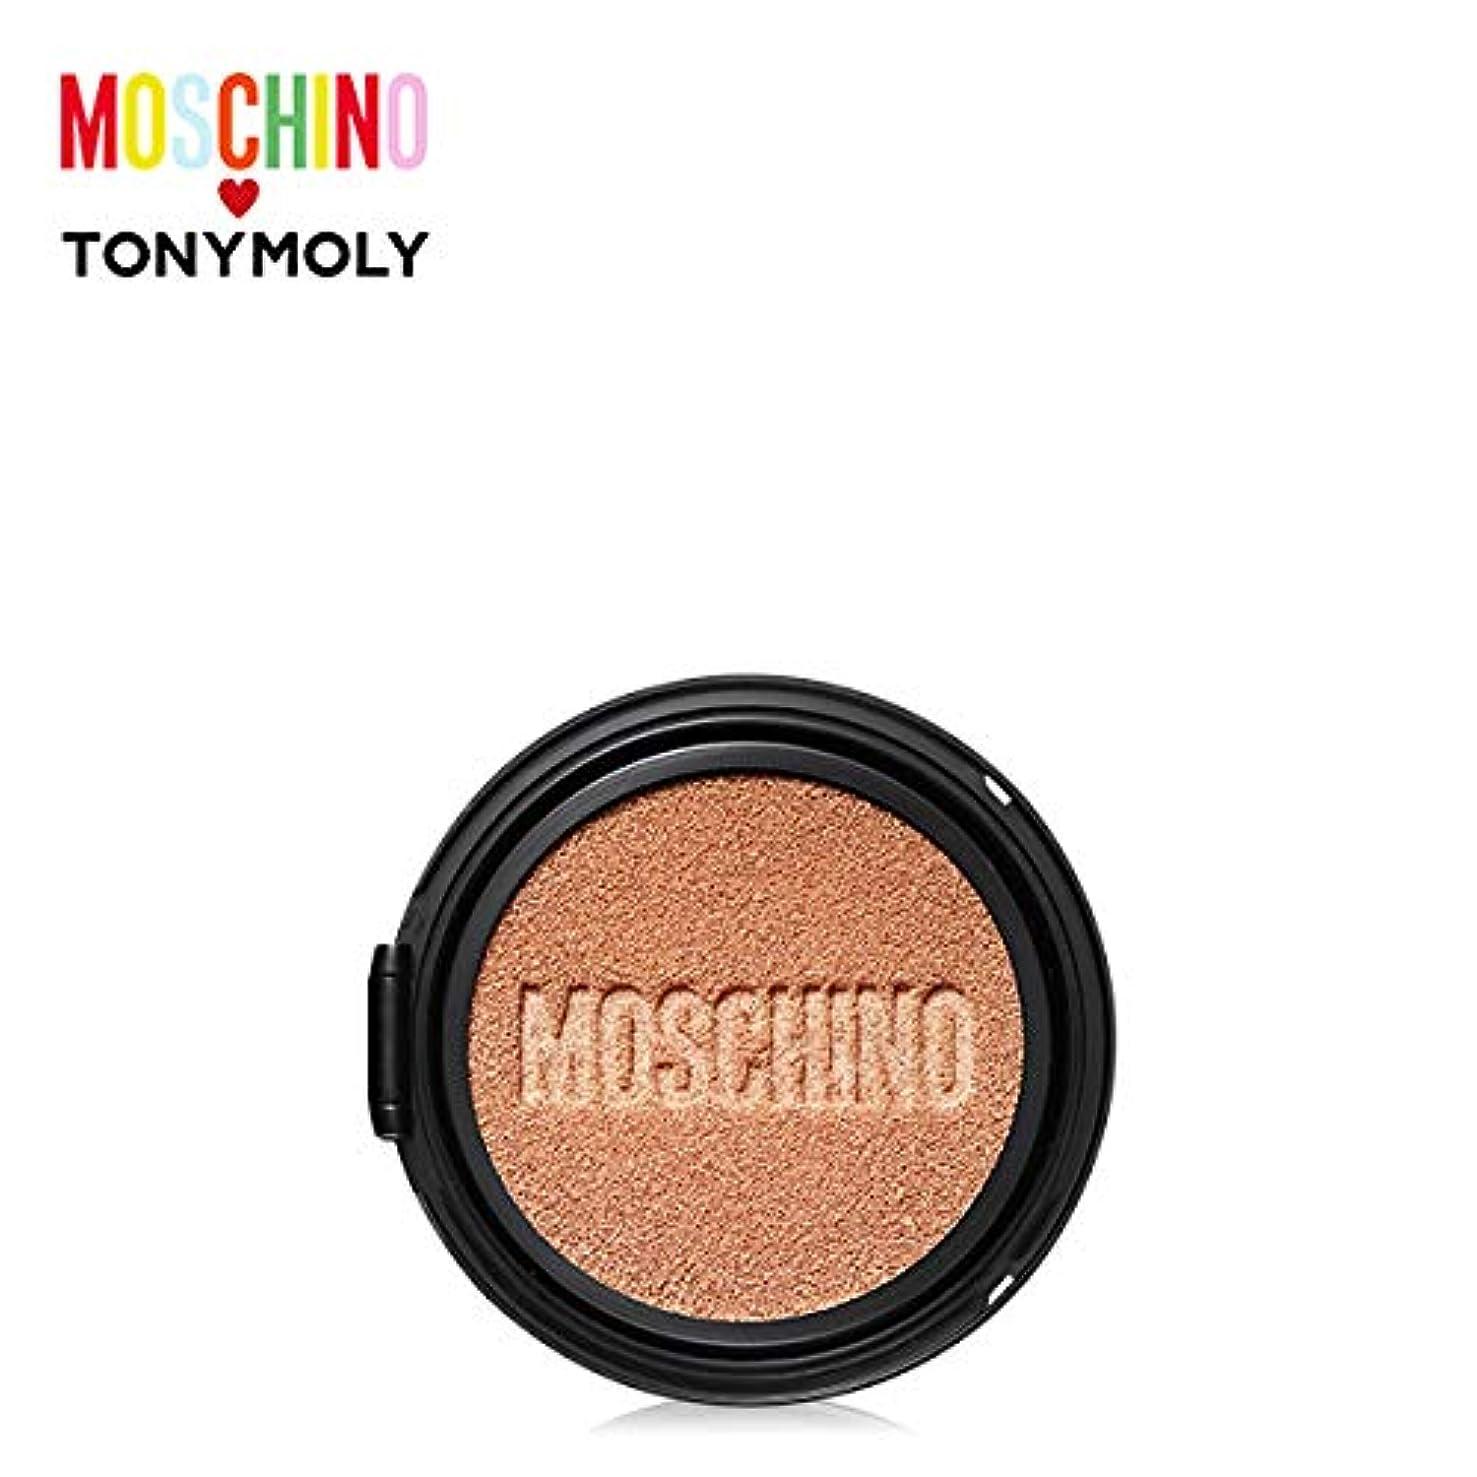 こするストレス義務TONYMOLY [MOSCHINO Edition] Gold Edition Chic Skin Cushion -Refill #01 CHIC VANILLA トニーモリー [モスキーノ] ゴールドエディション...